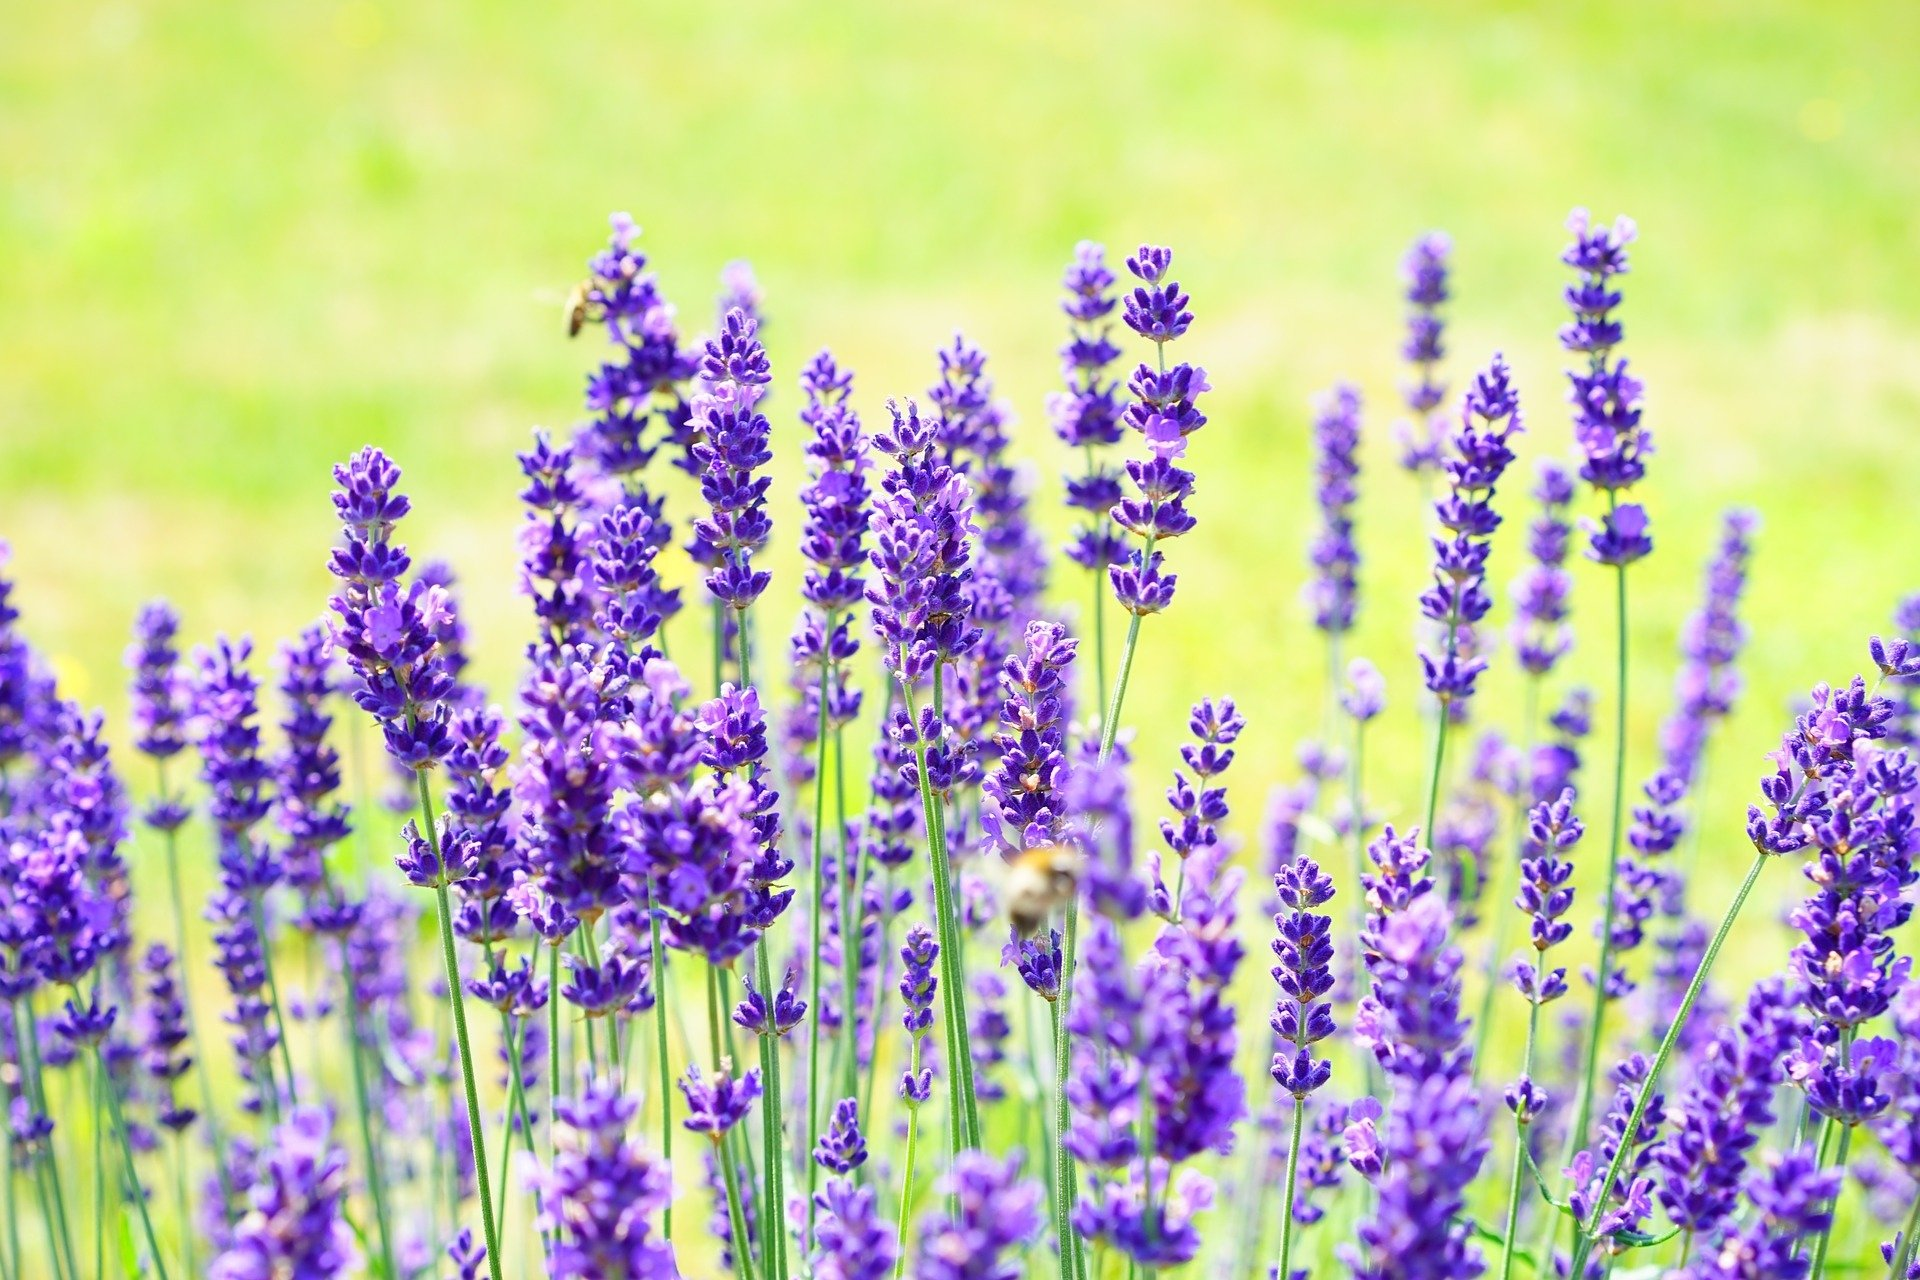 بالصور صور ازهار , مجموعة صور زهور جديدة 642 4